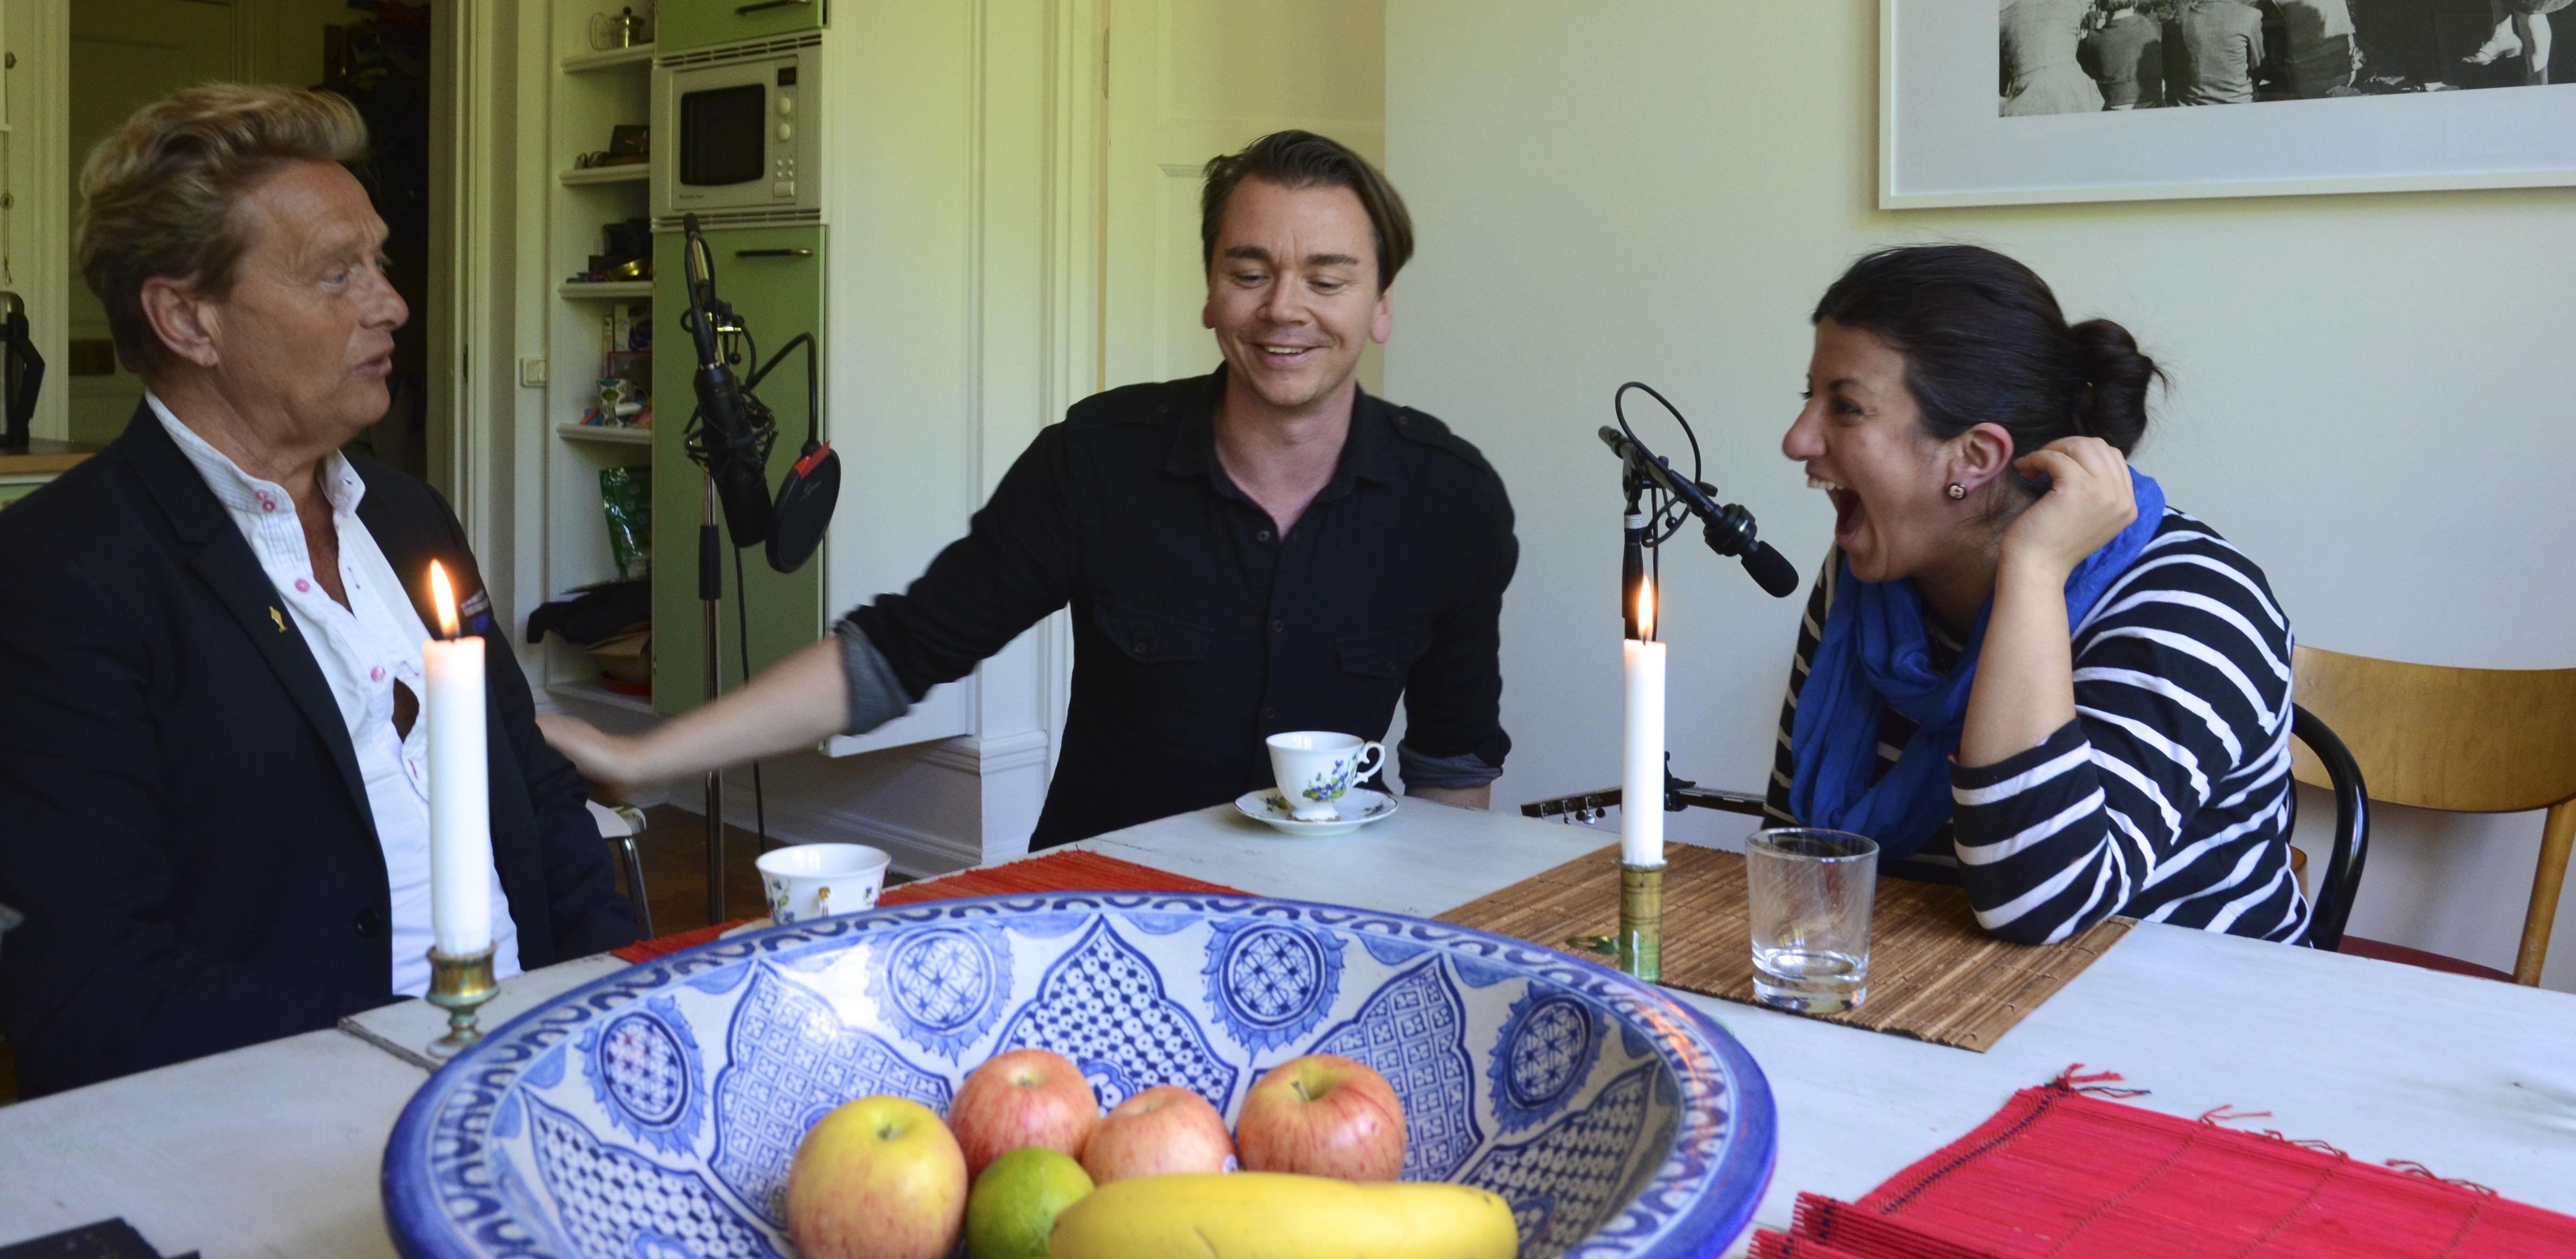 Emil Jensen leder Mellansnack i P1 hemma från sitt eget kök. FOTO: Lars Mogensen